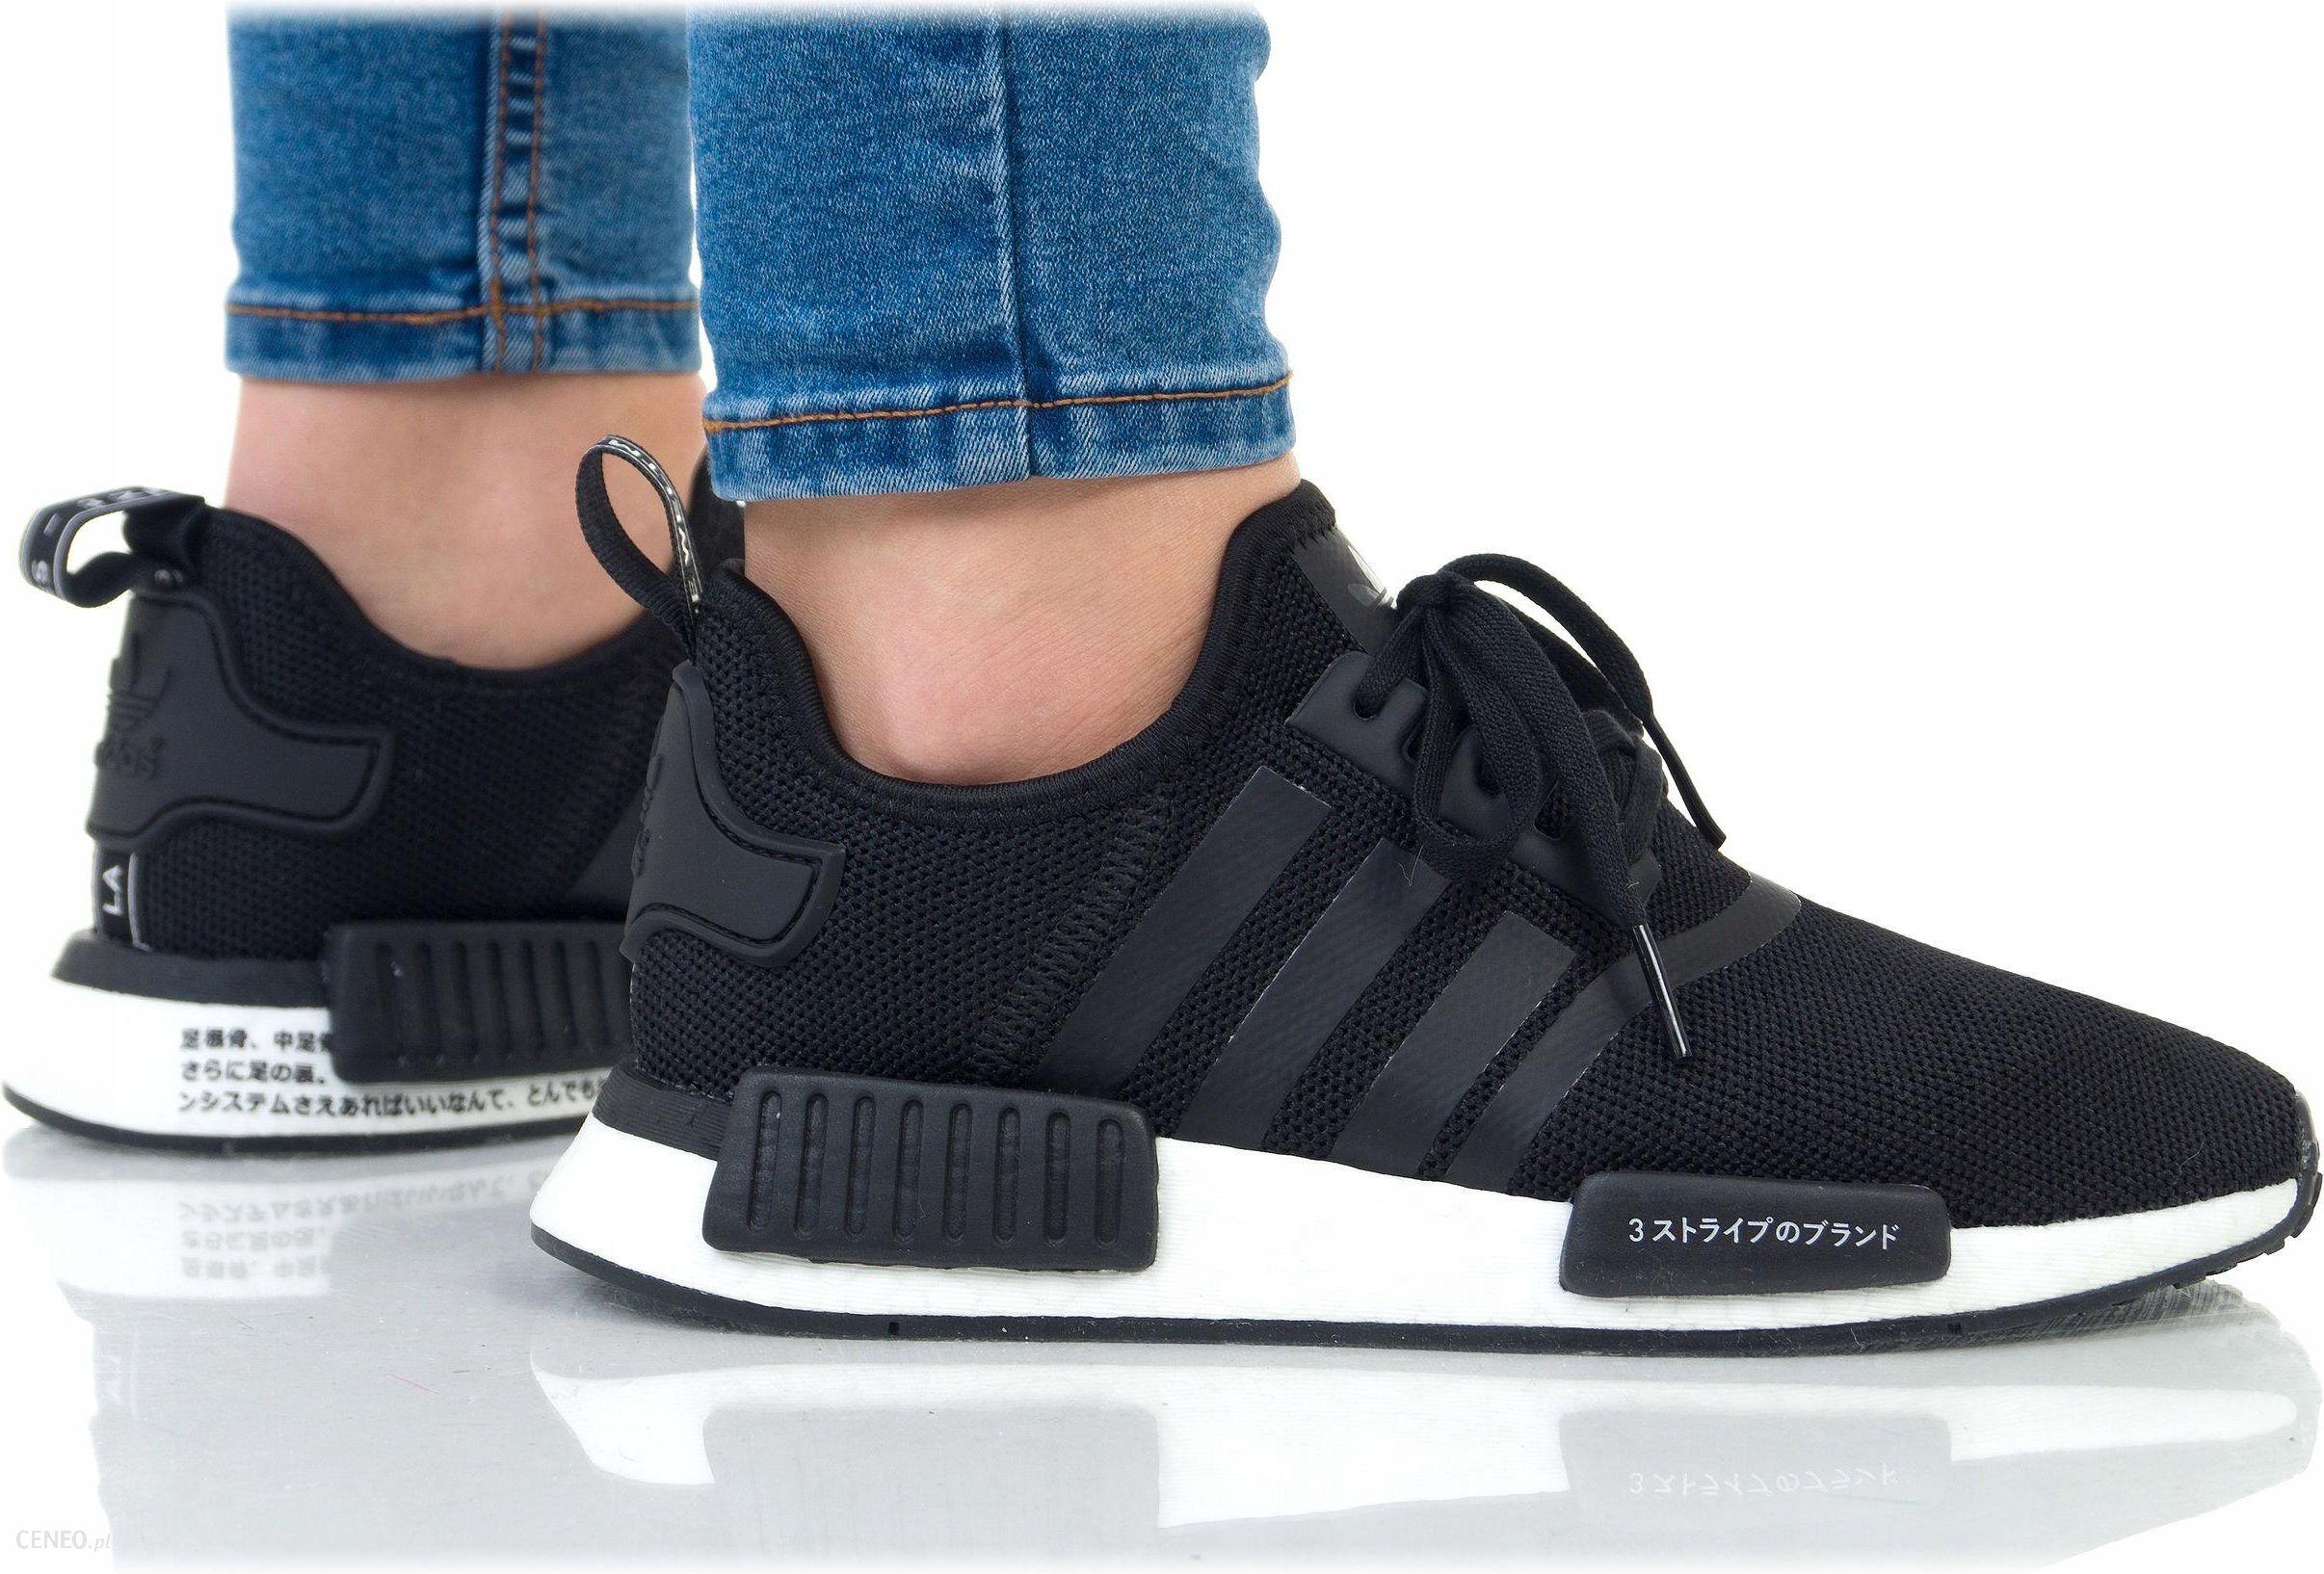 czarne adidas nmd damskie cena